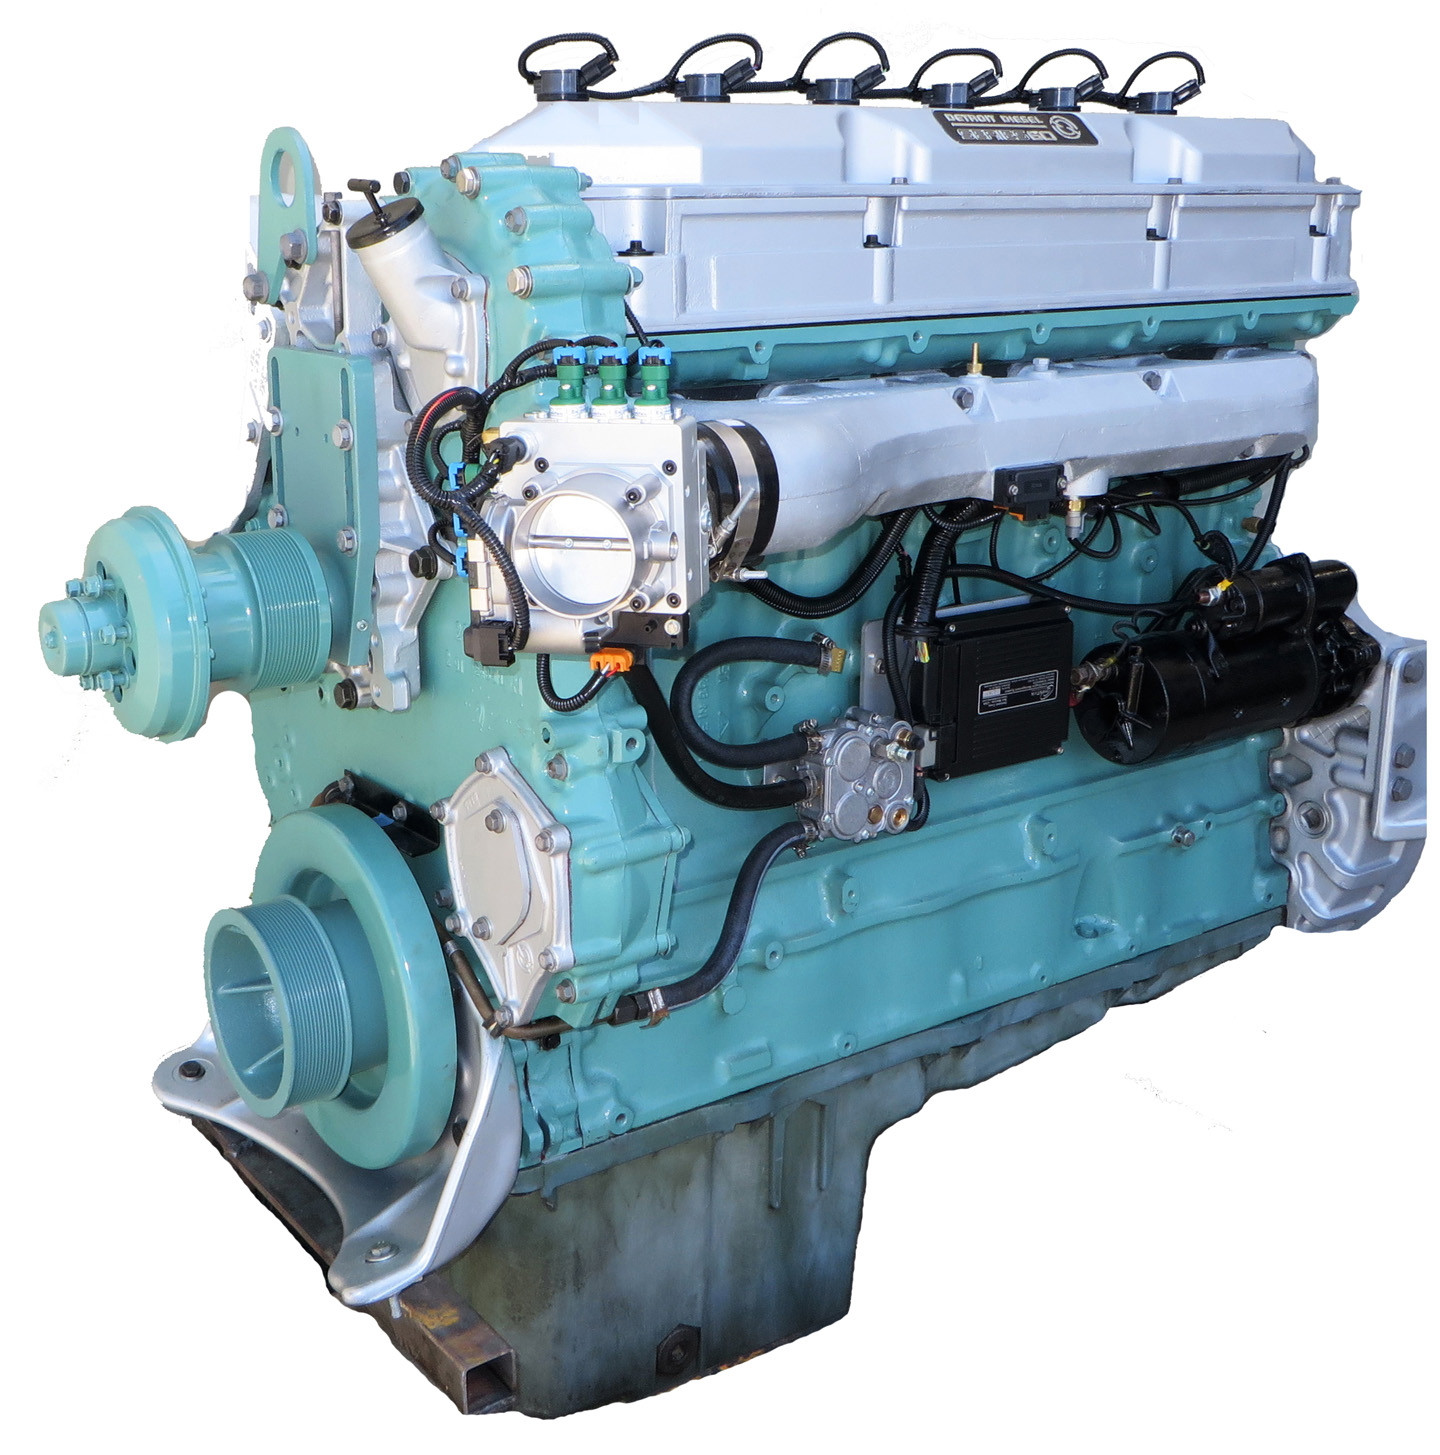 Omnitek Diesel To Natural Gas Engine Conversion DNG Engine